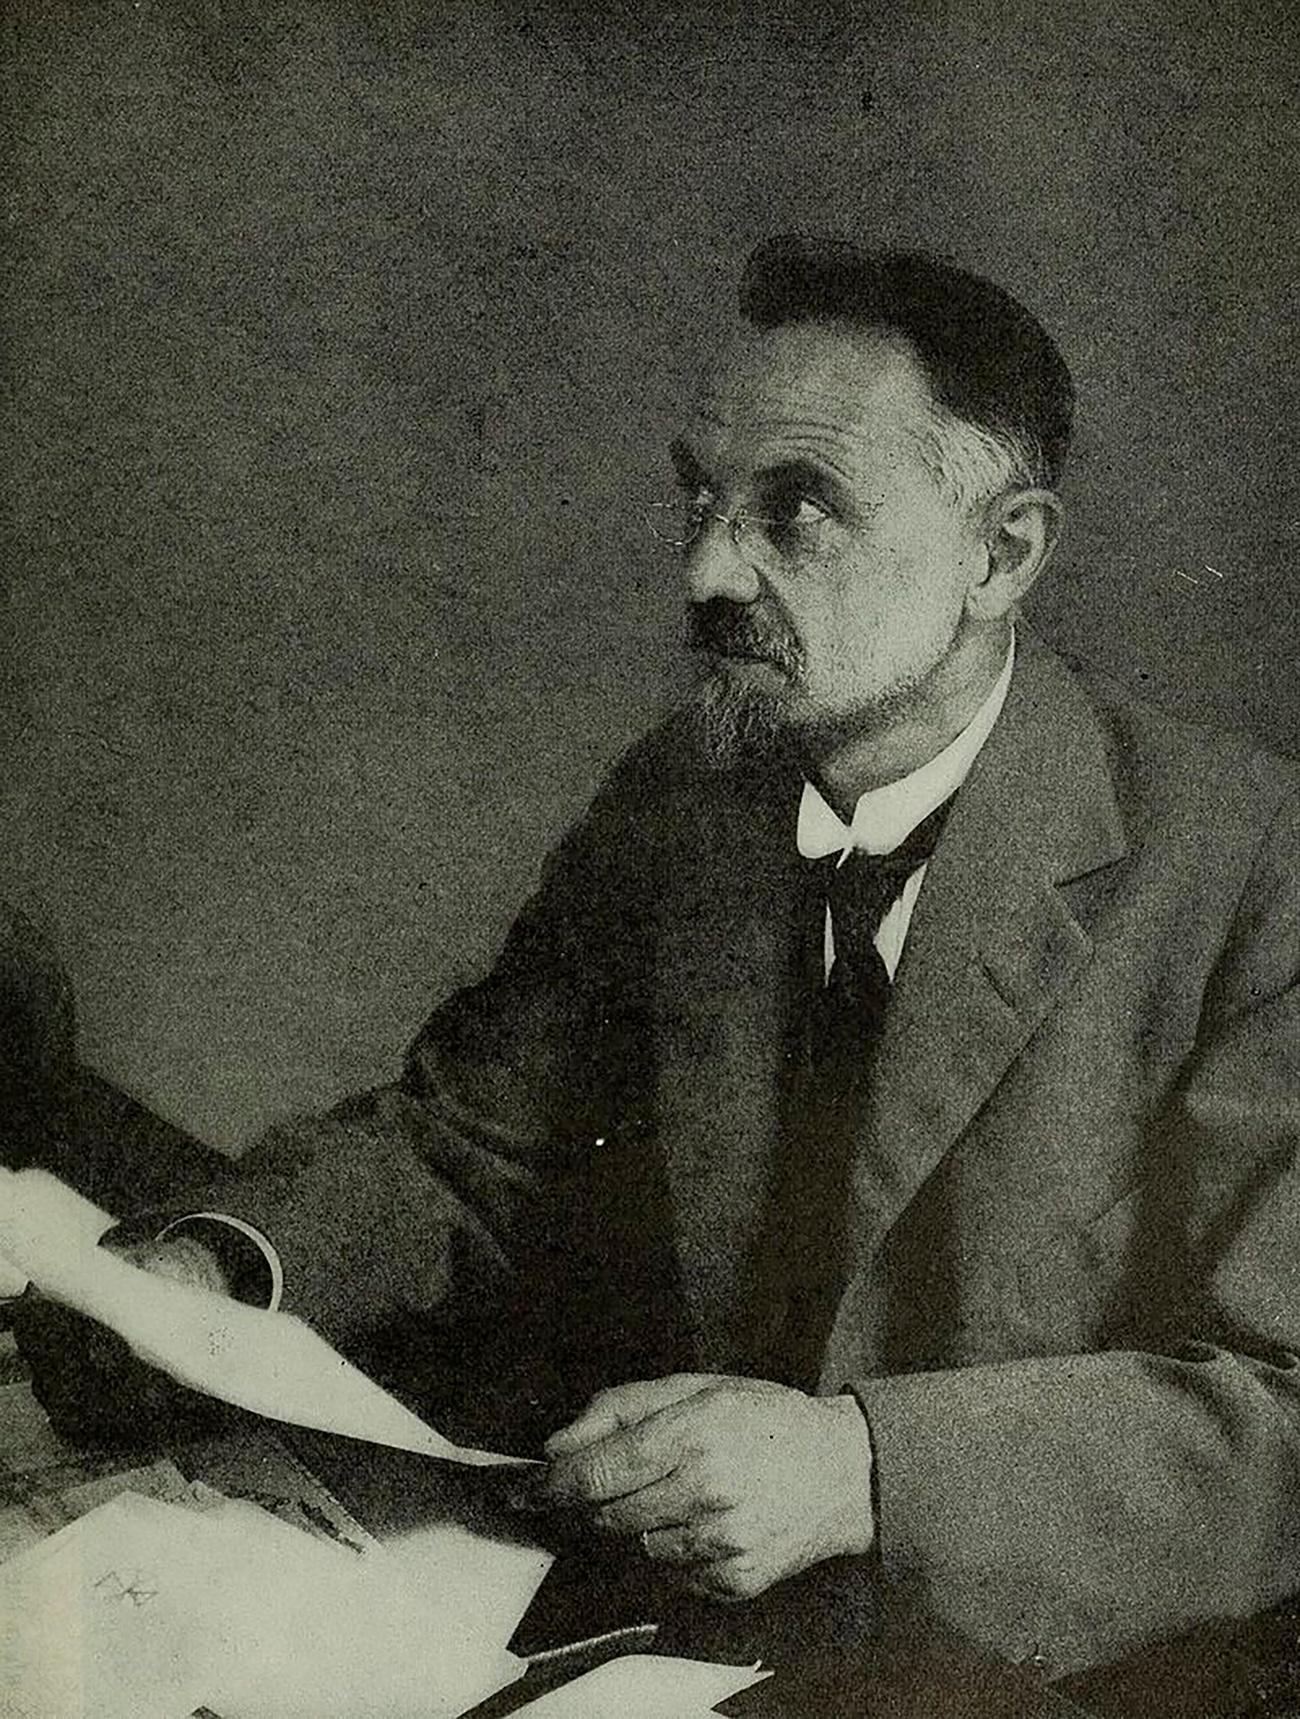 Leonid Krasin / Wikipedia